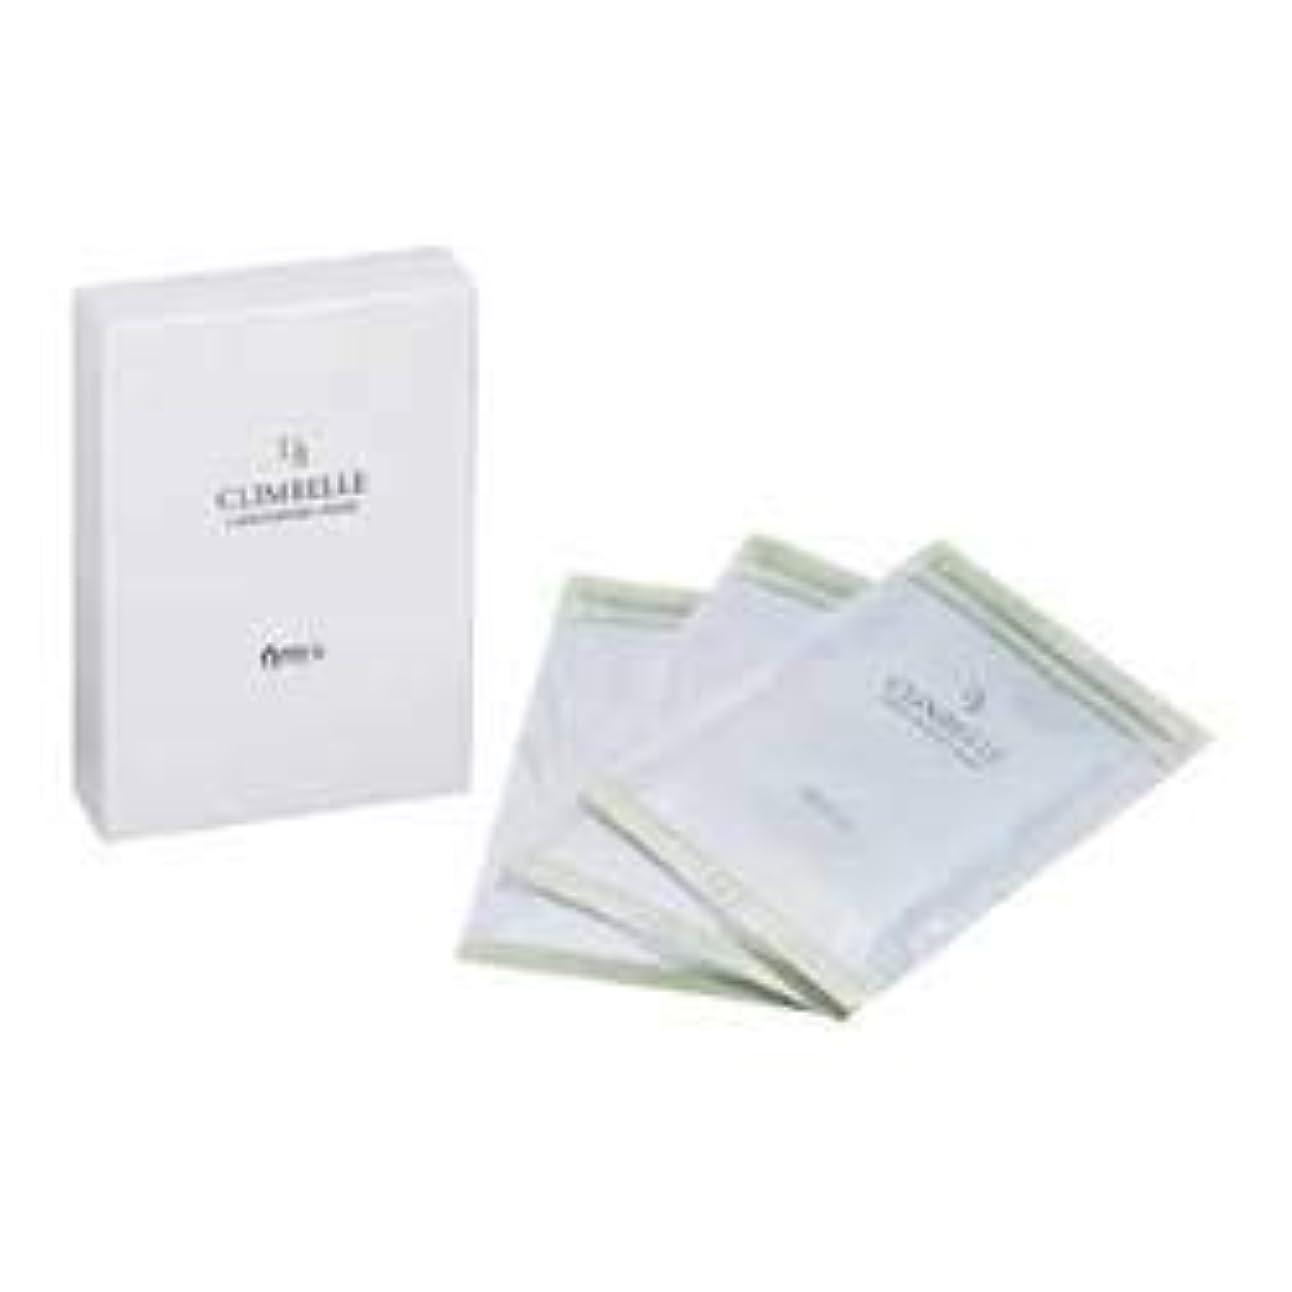 アラームレキシコンマイルオッペン DR クライムベルコンセントレートマスク(6包)